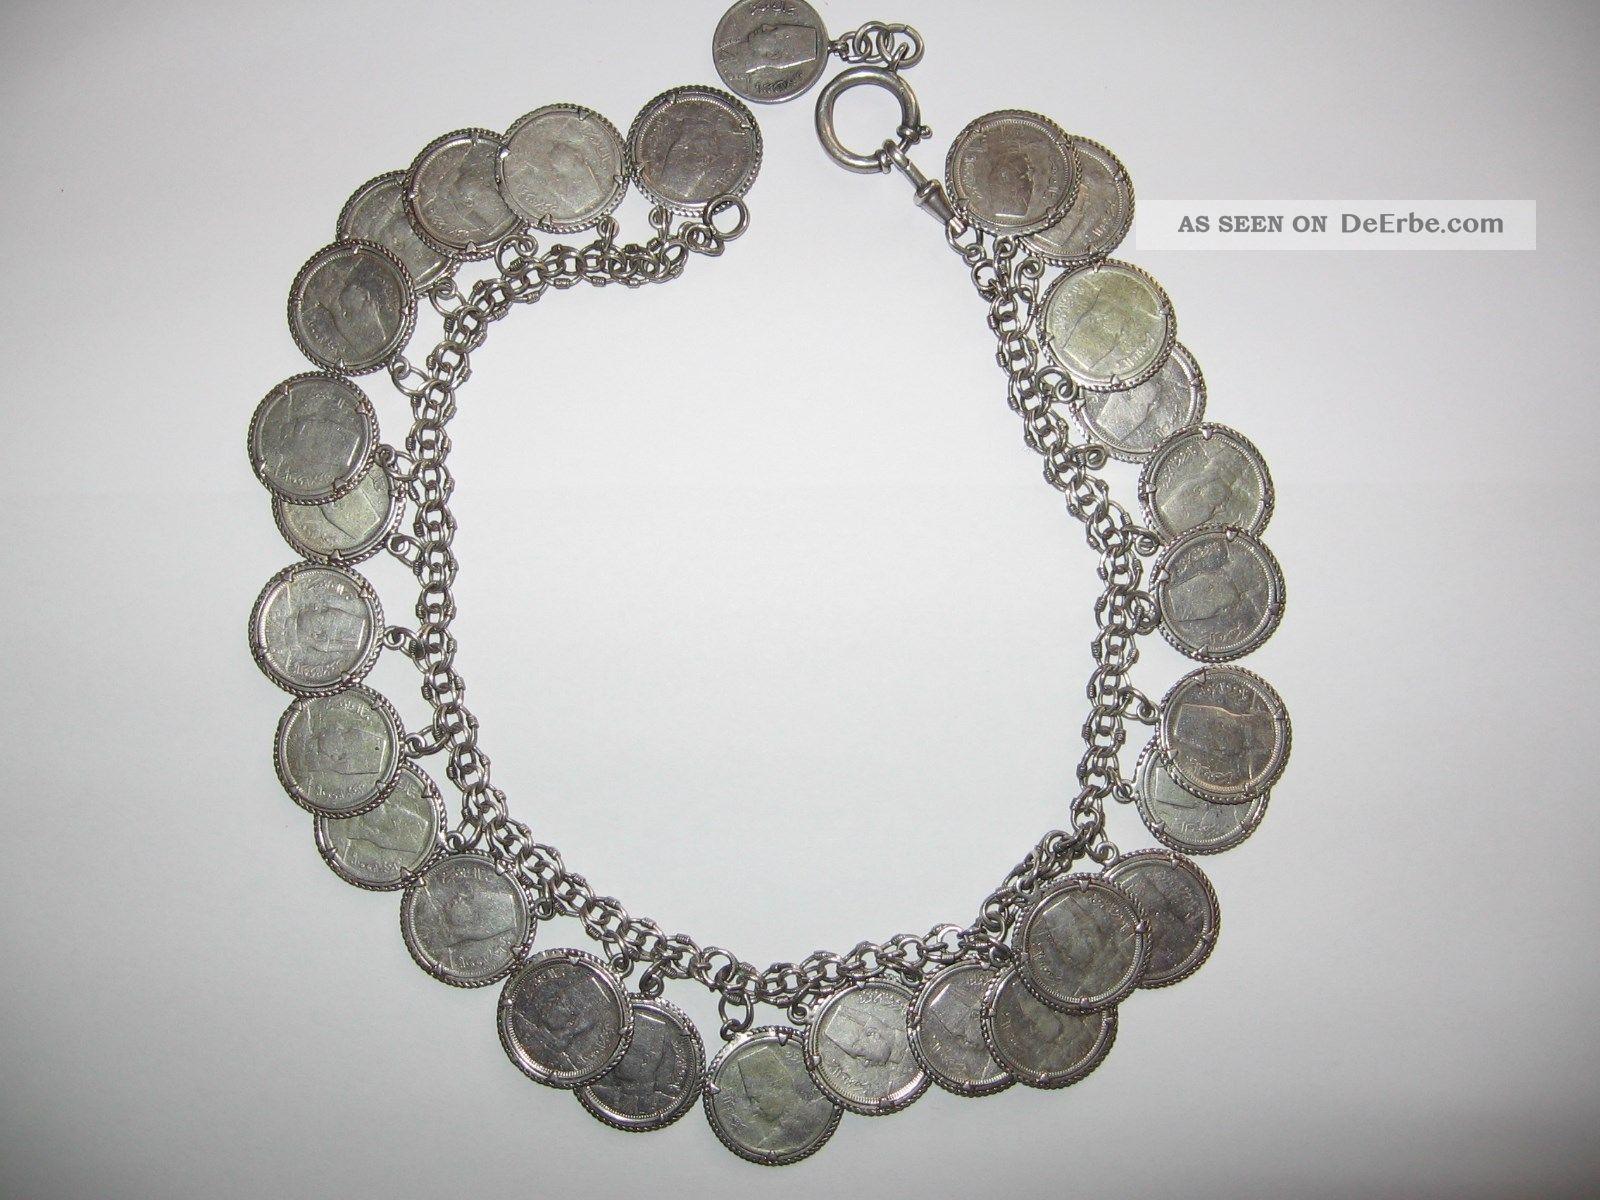 Tolle Kette Mit 28 Stück Silbermünzen - Charivari Silber Kette - 37 Cm Lang Volkskunst Bild